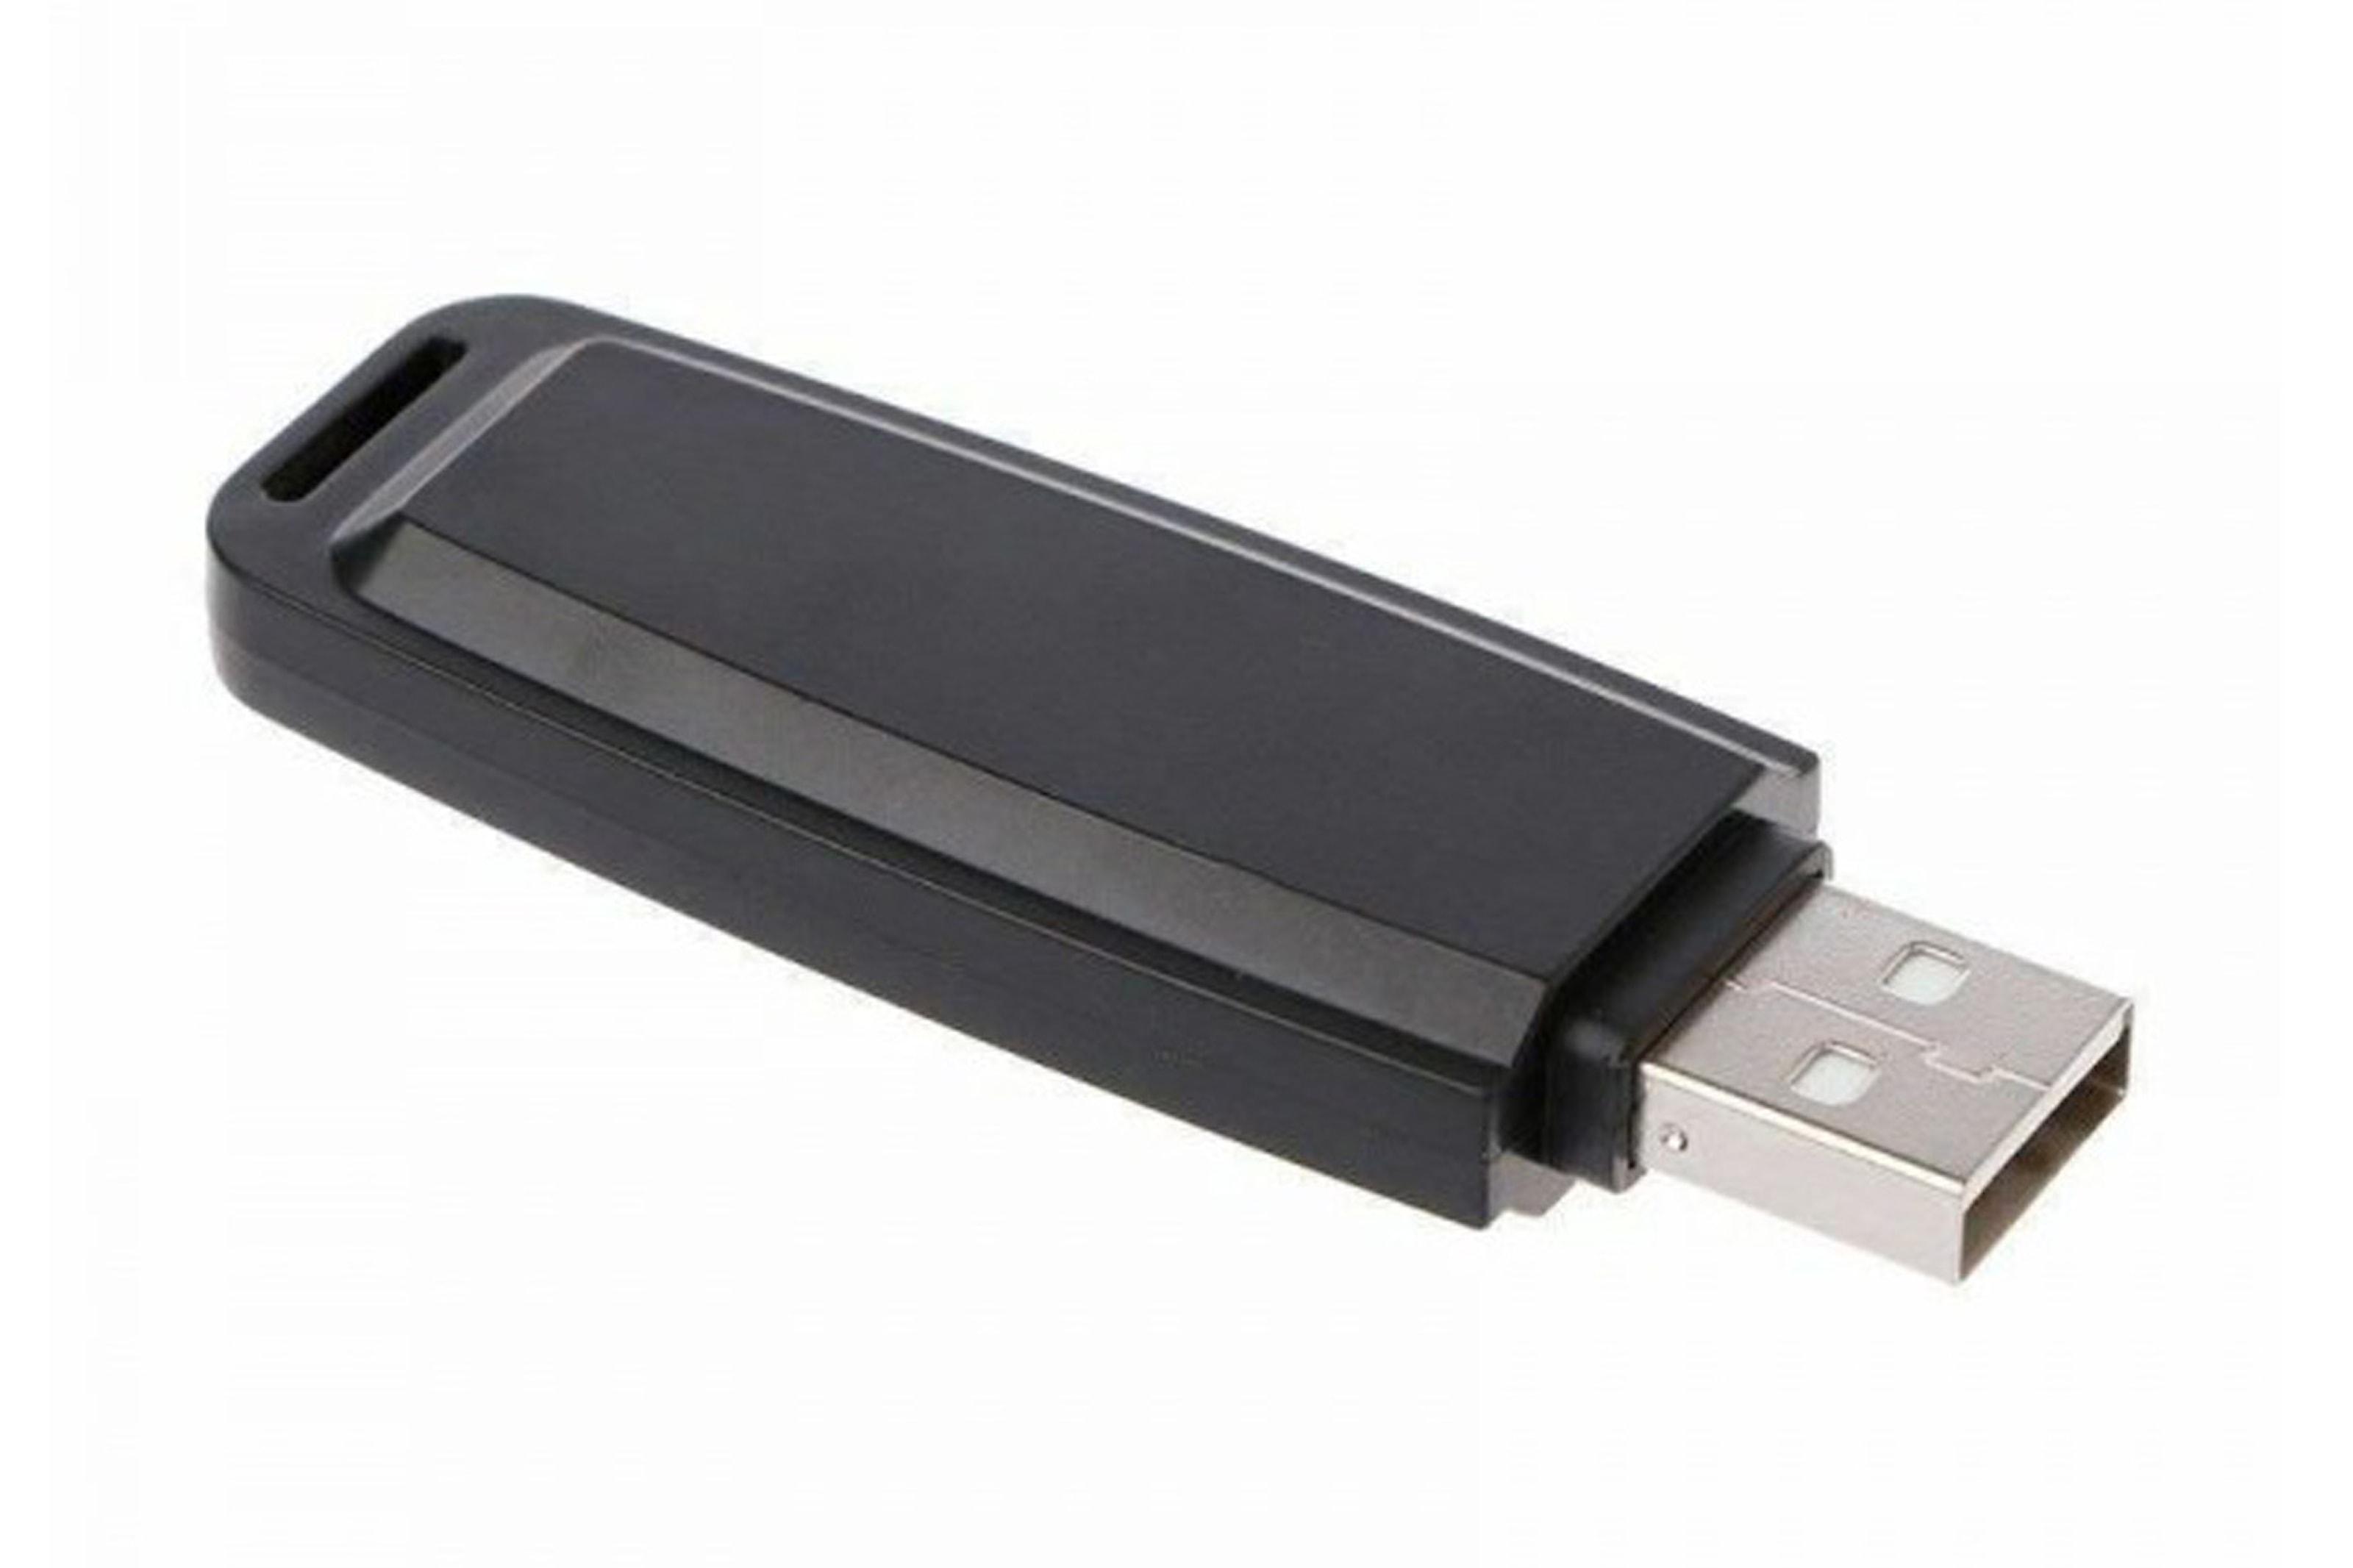 USB-minne med ljudinspelning